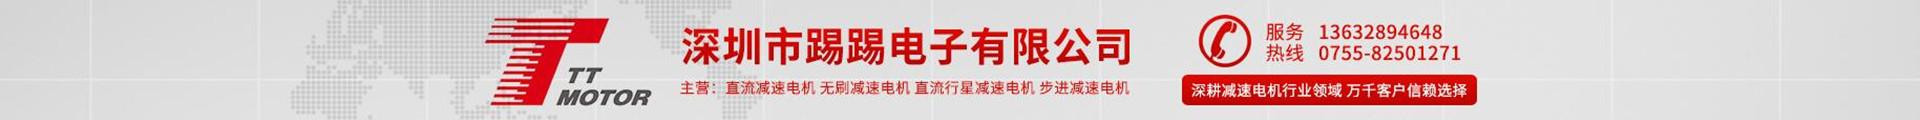 深圳市踢踢电子有限公司